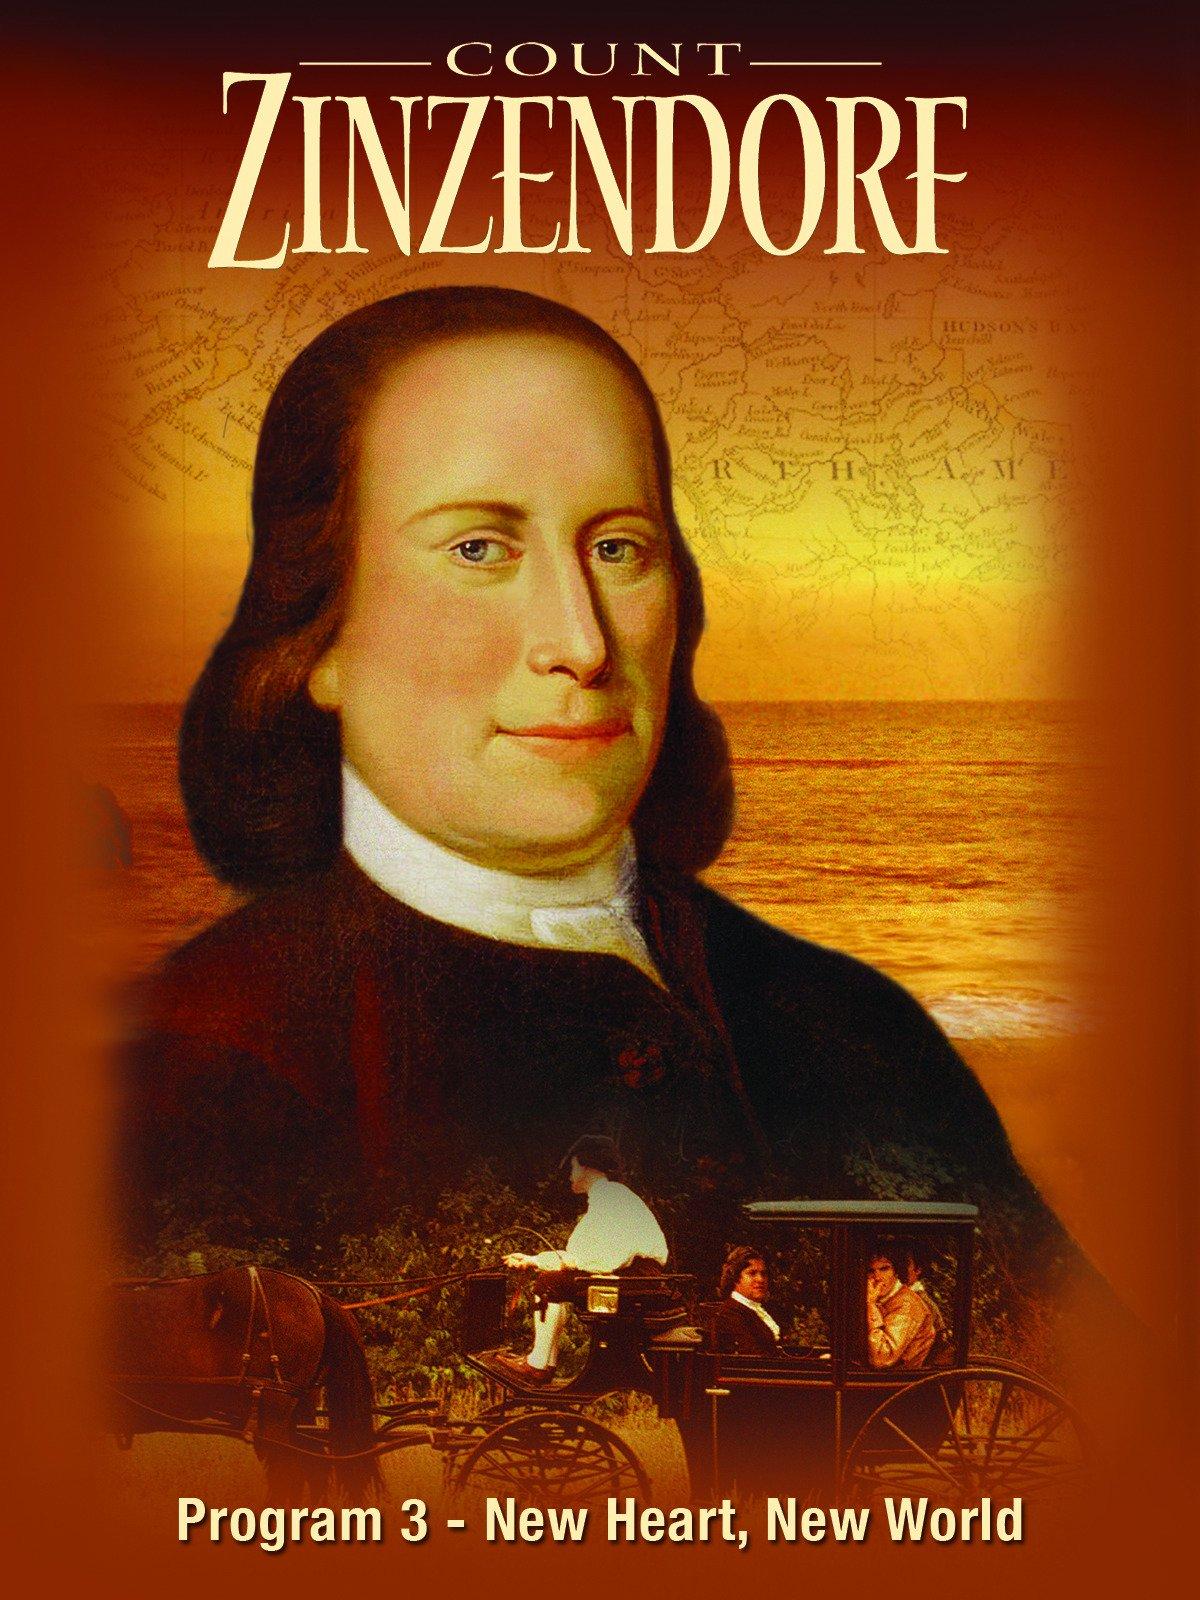 Count Zinzendorf Program 3